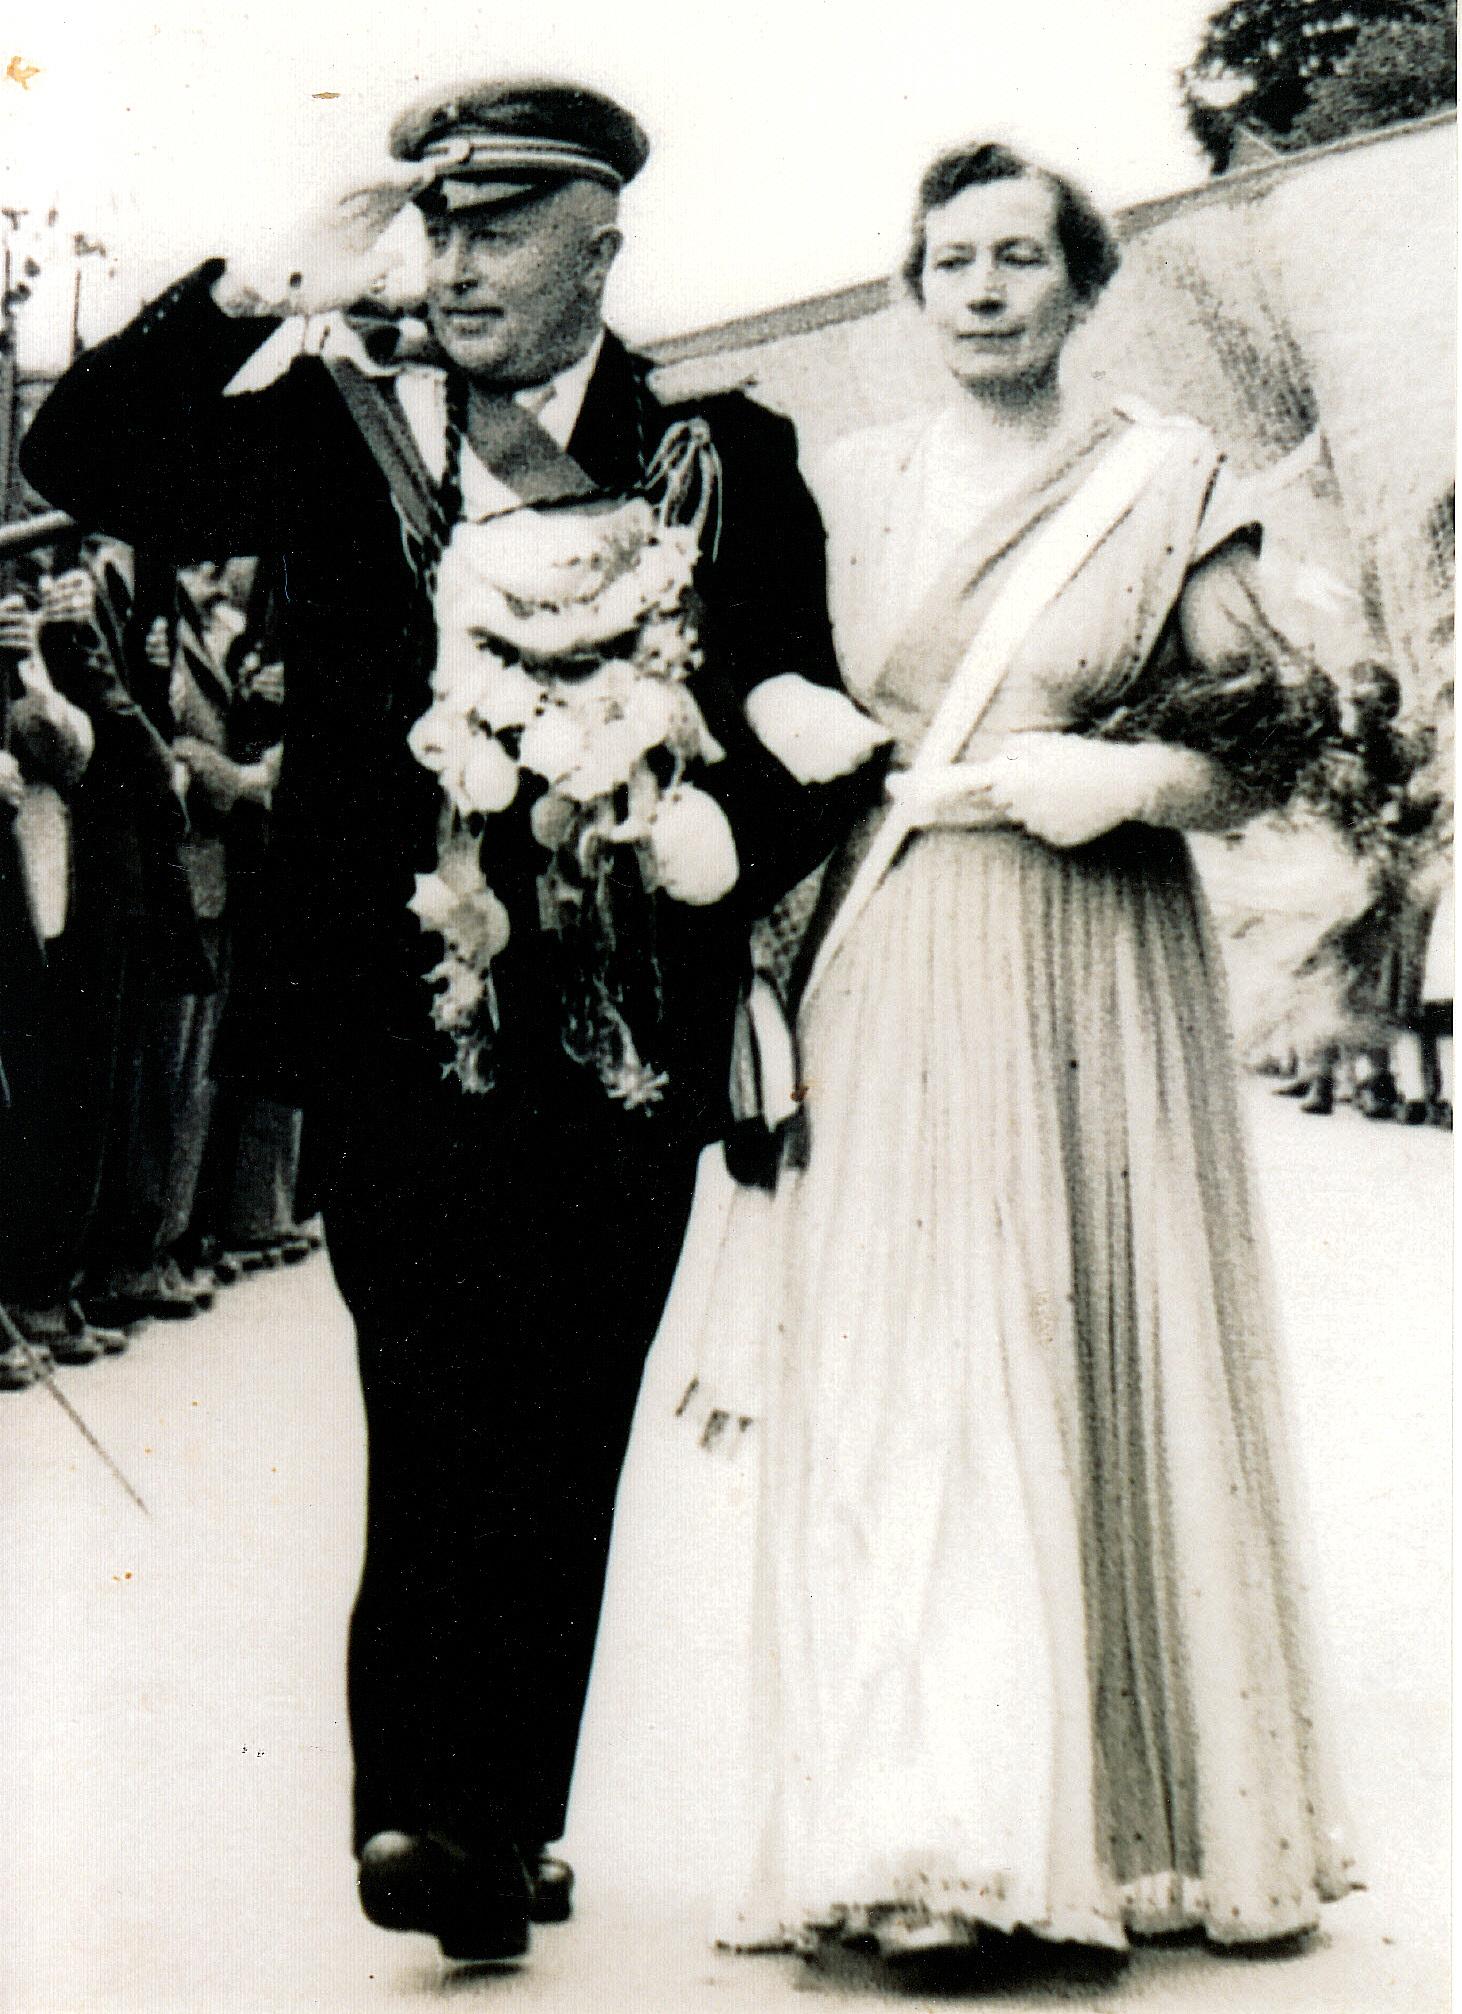 1951 Wilhelm Berghoff+ & Maria Romberg+